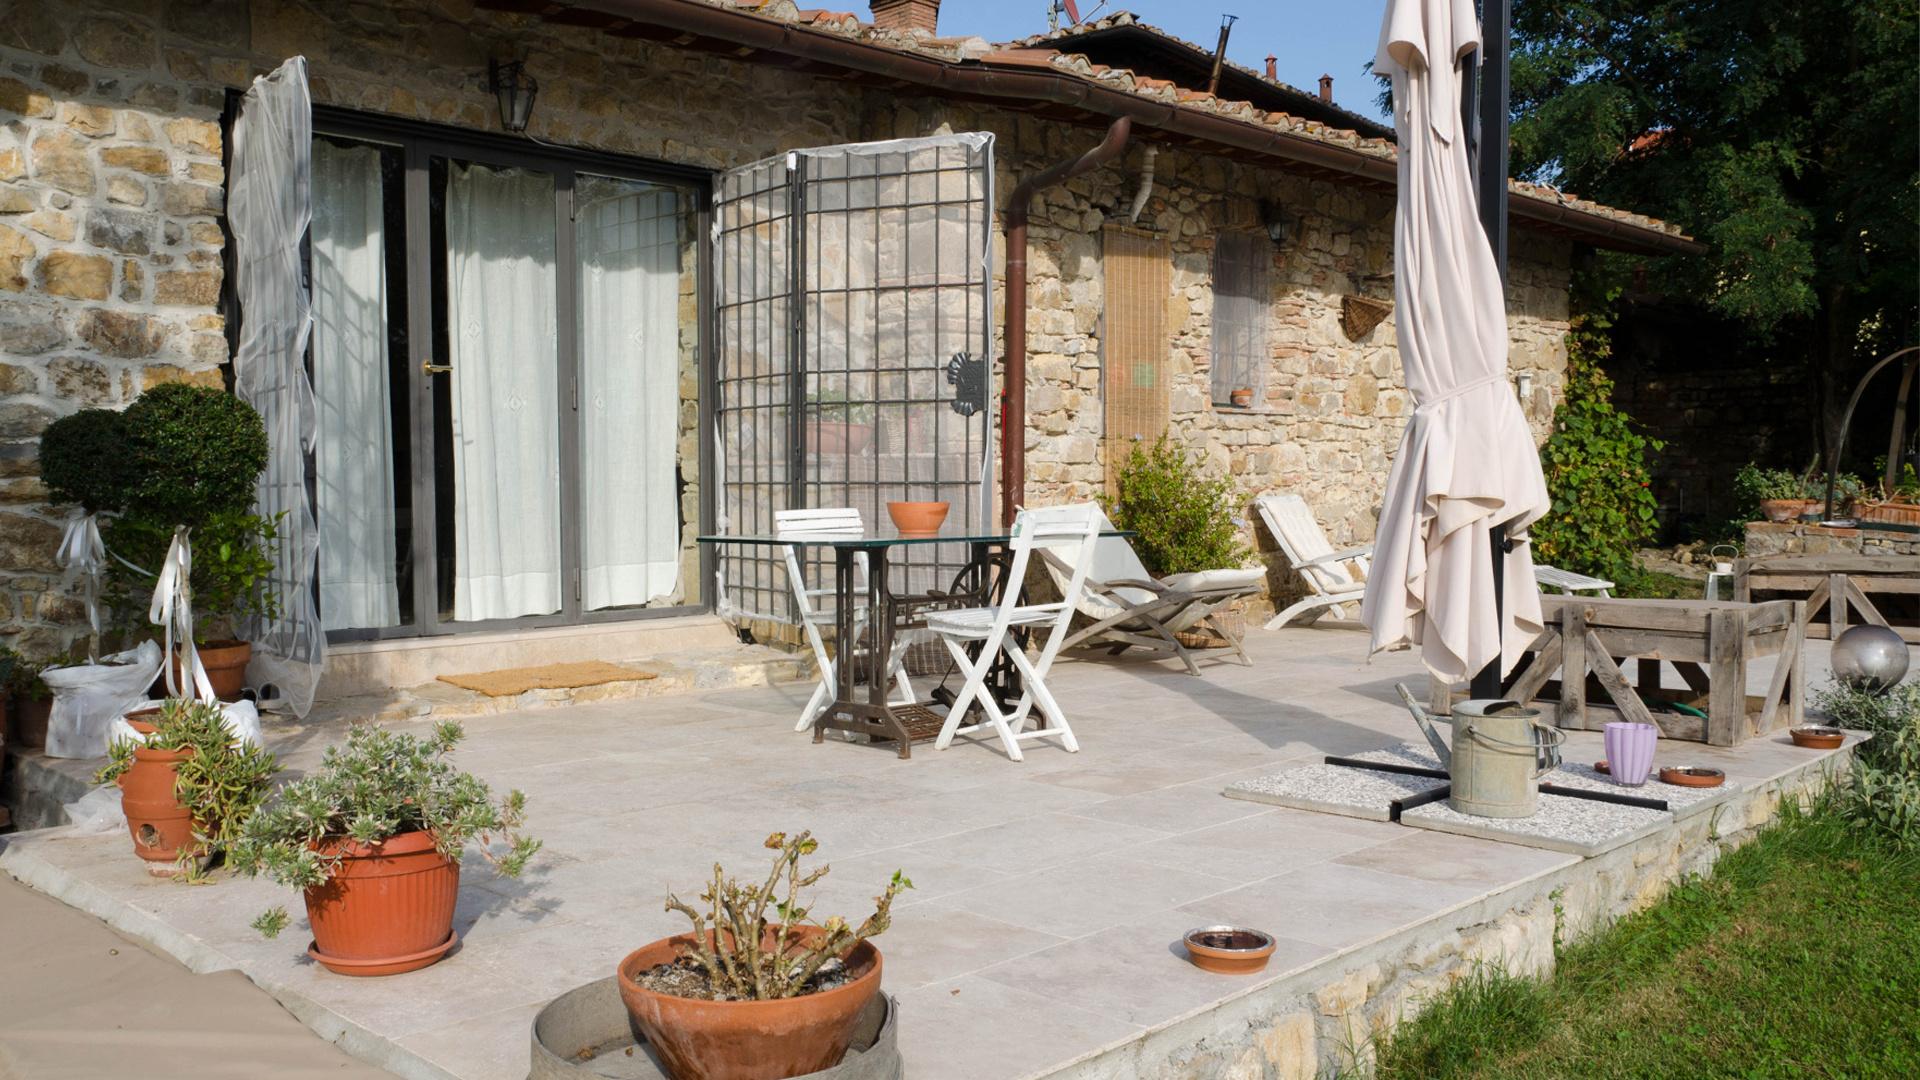 Esterno Casa Di Campagna project of farmhouse in the tuscan countryside - pietre di